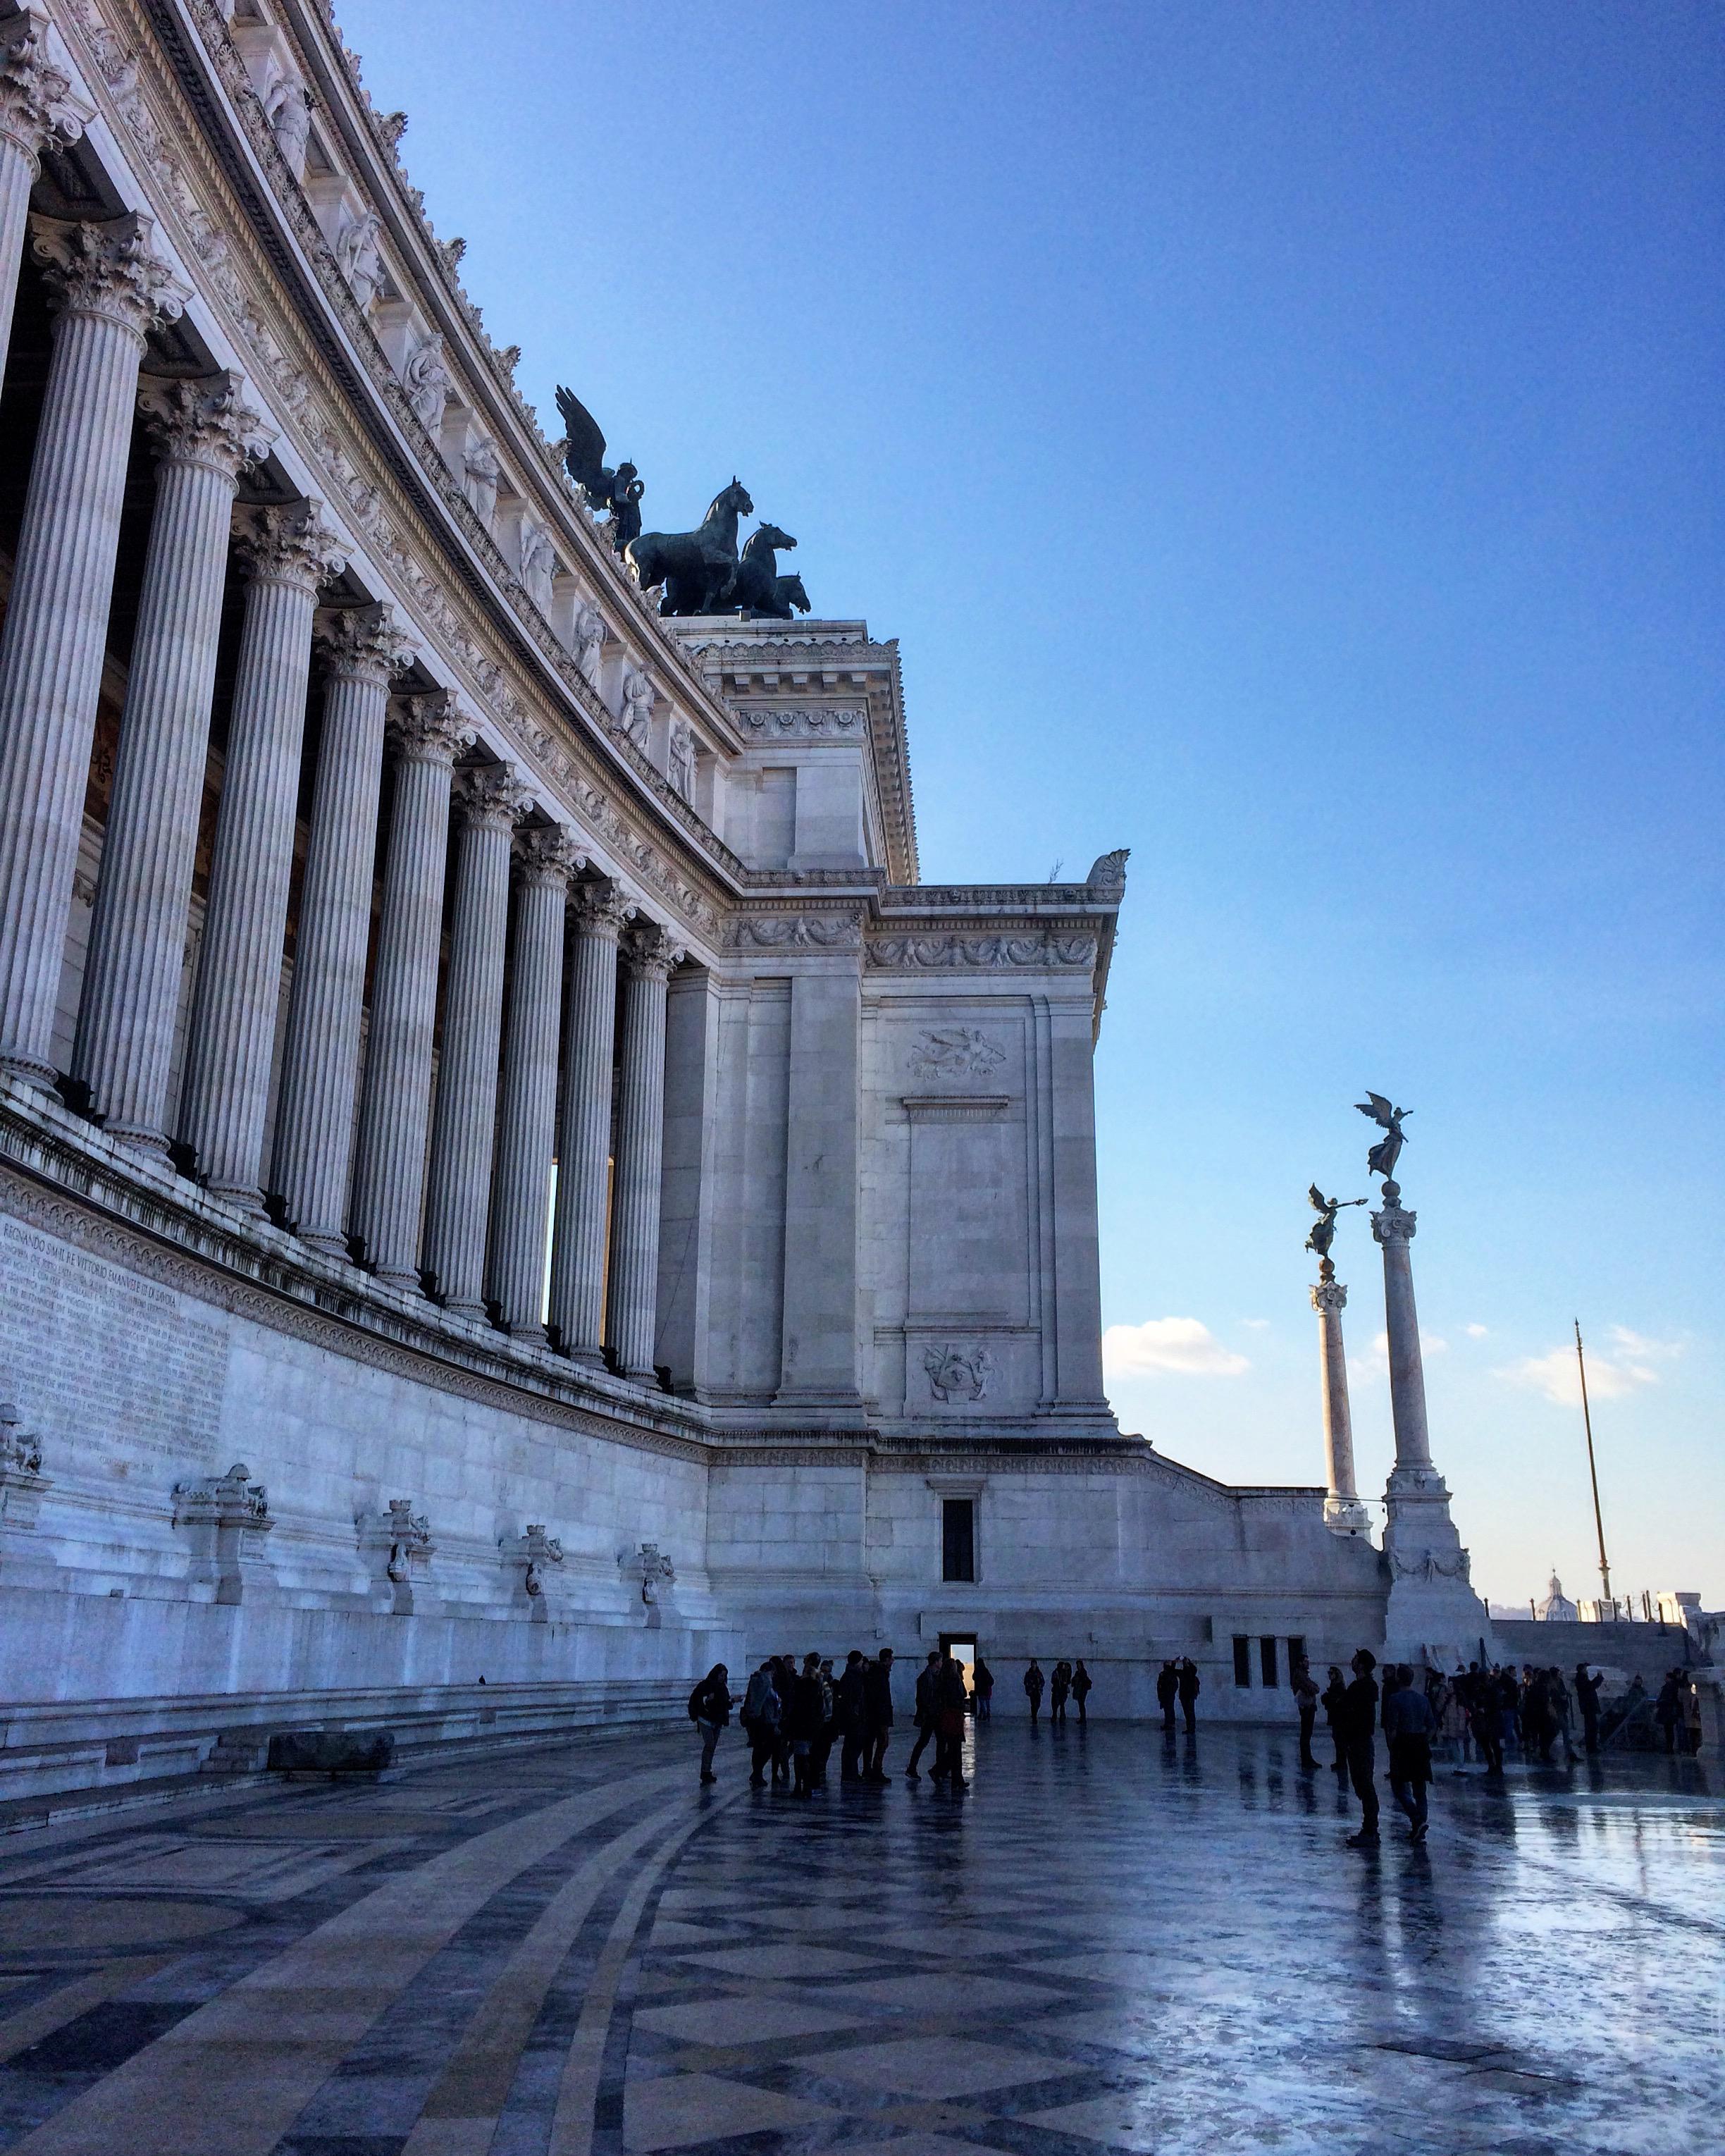 rome-altare-della-patria-monument